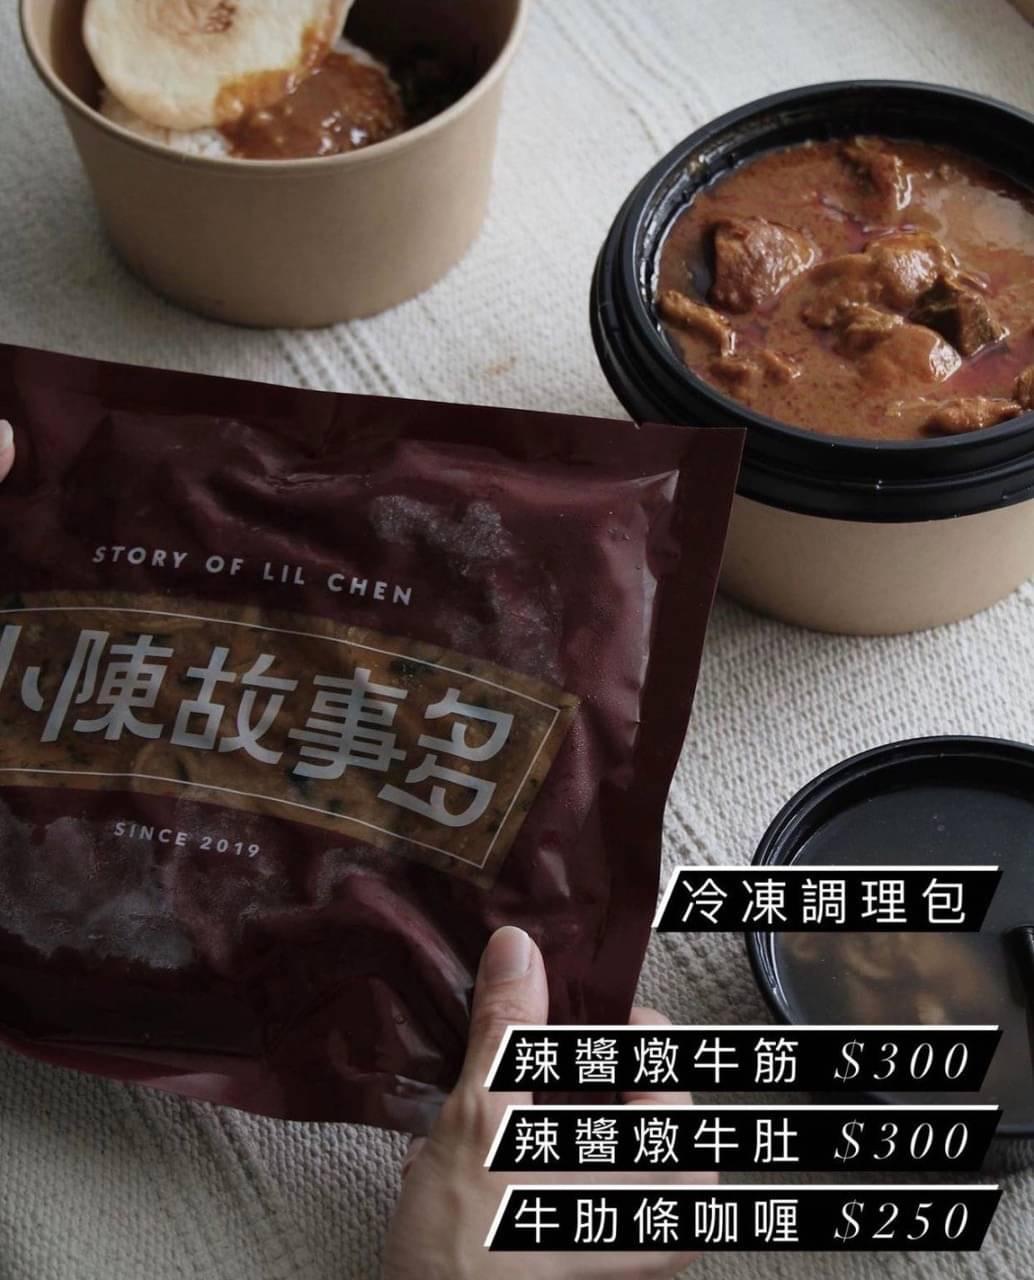 【台中西區】小陳故事多:朋友推薦台中最好吃咖哩飯,美味又特別的馬來西亞娘惹風味 @飛天璇的口袋